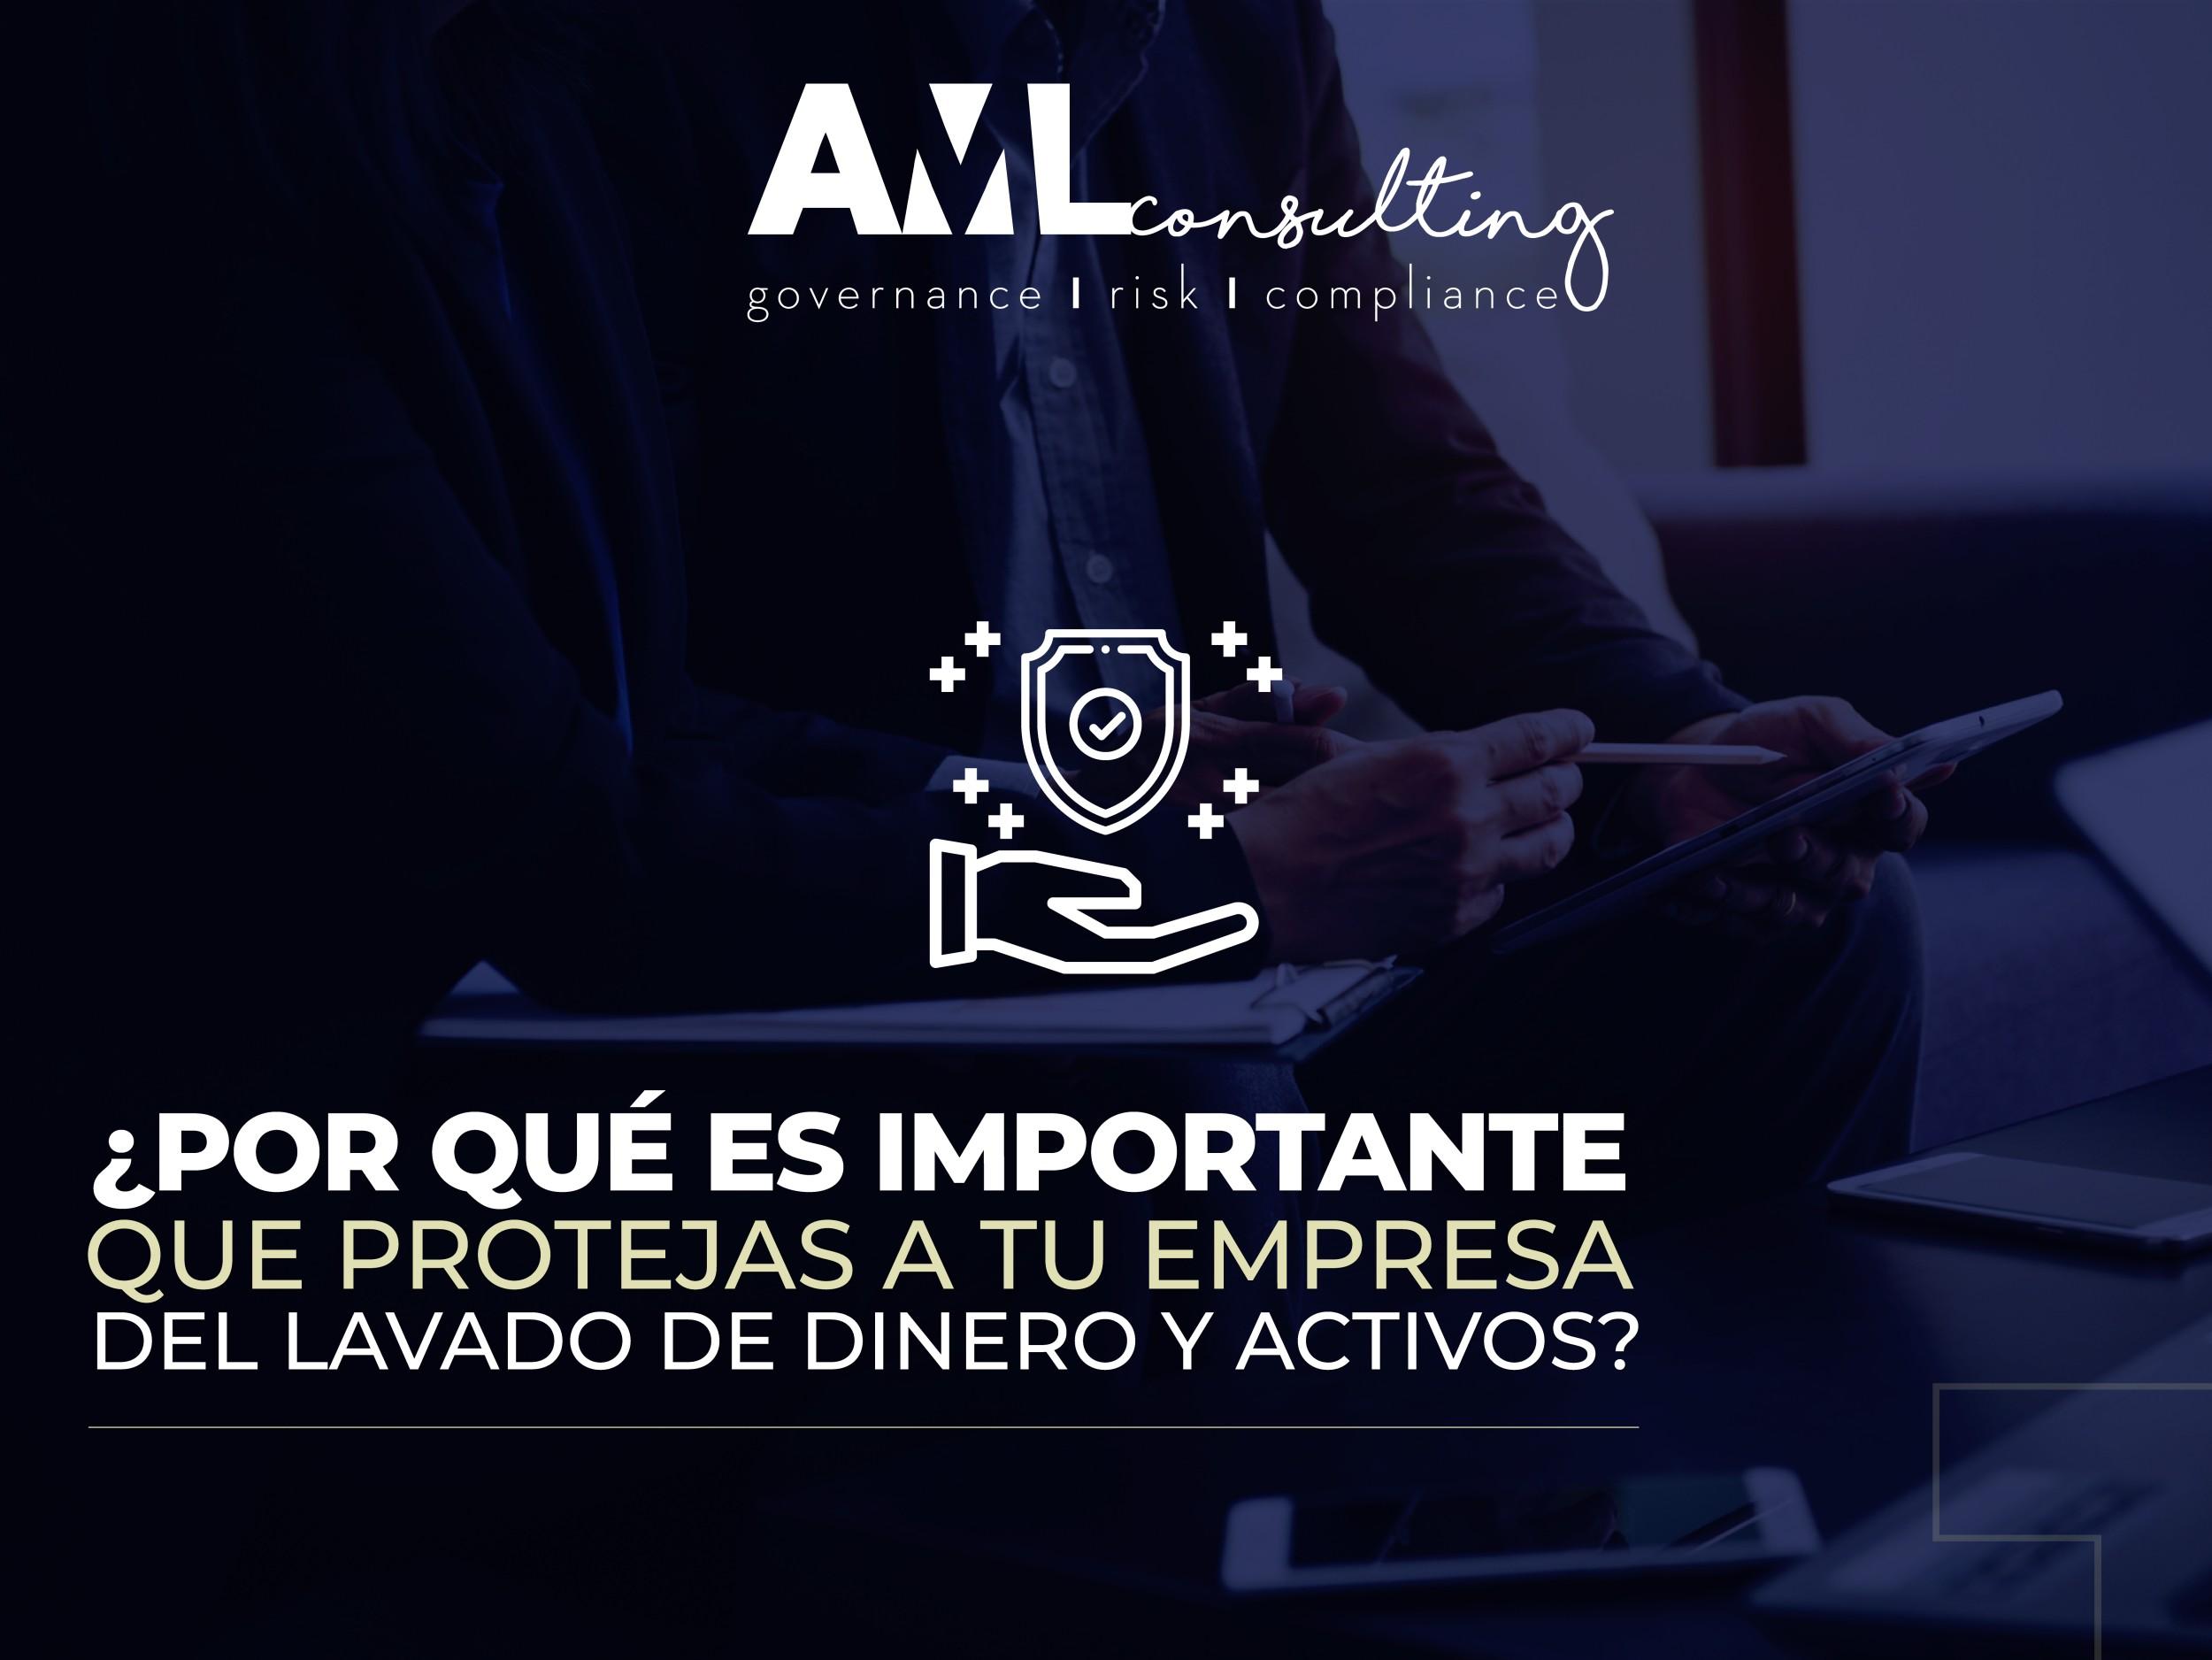 Proteger-empresa-del-Lavado-de-dinero-y-activos.jpg